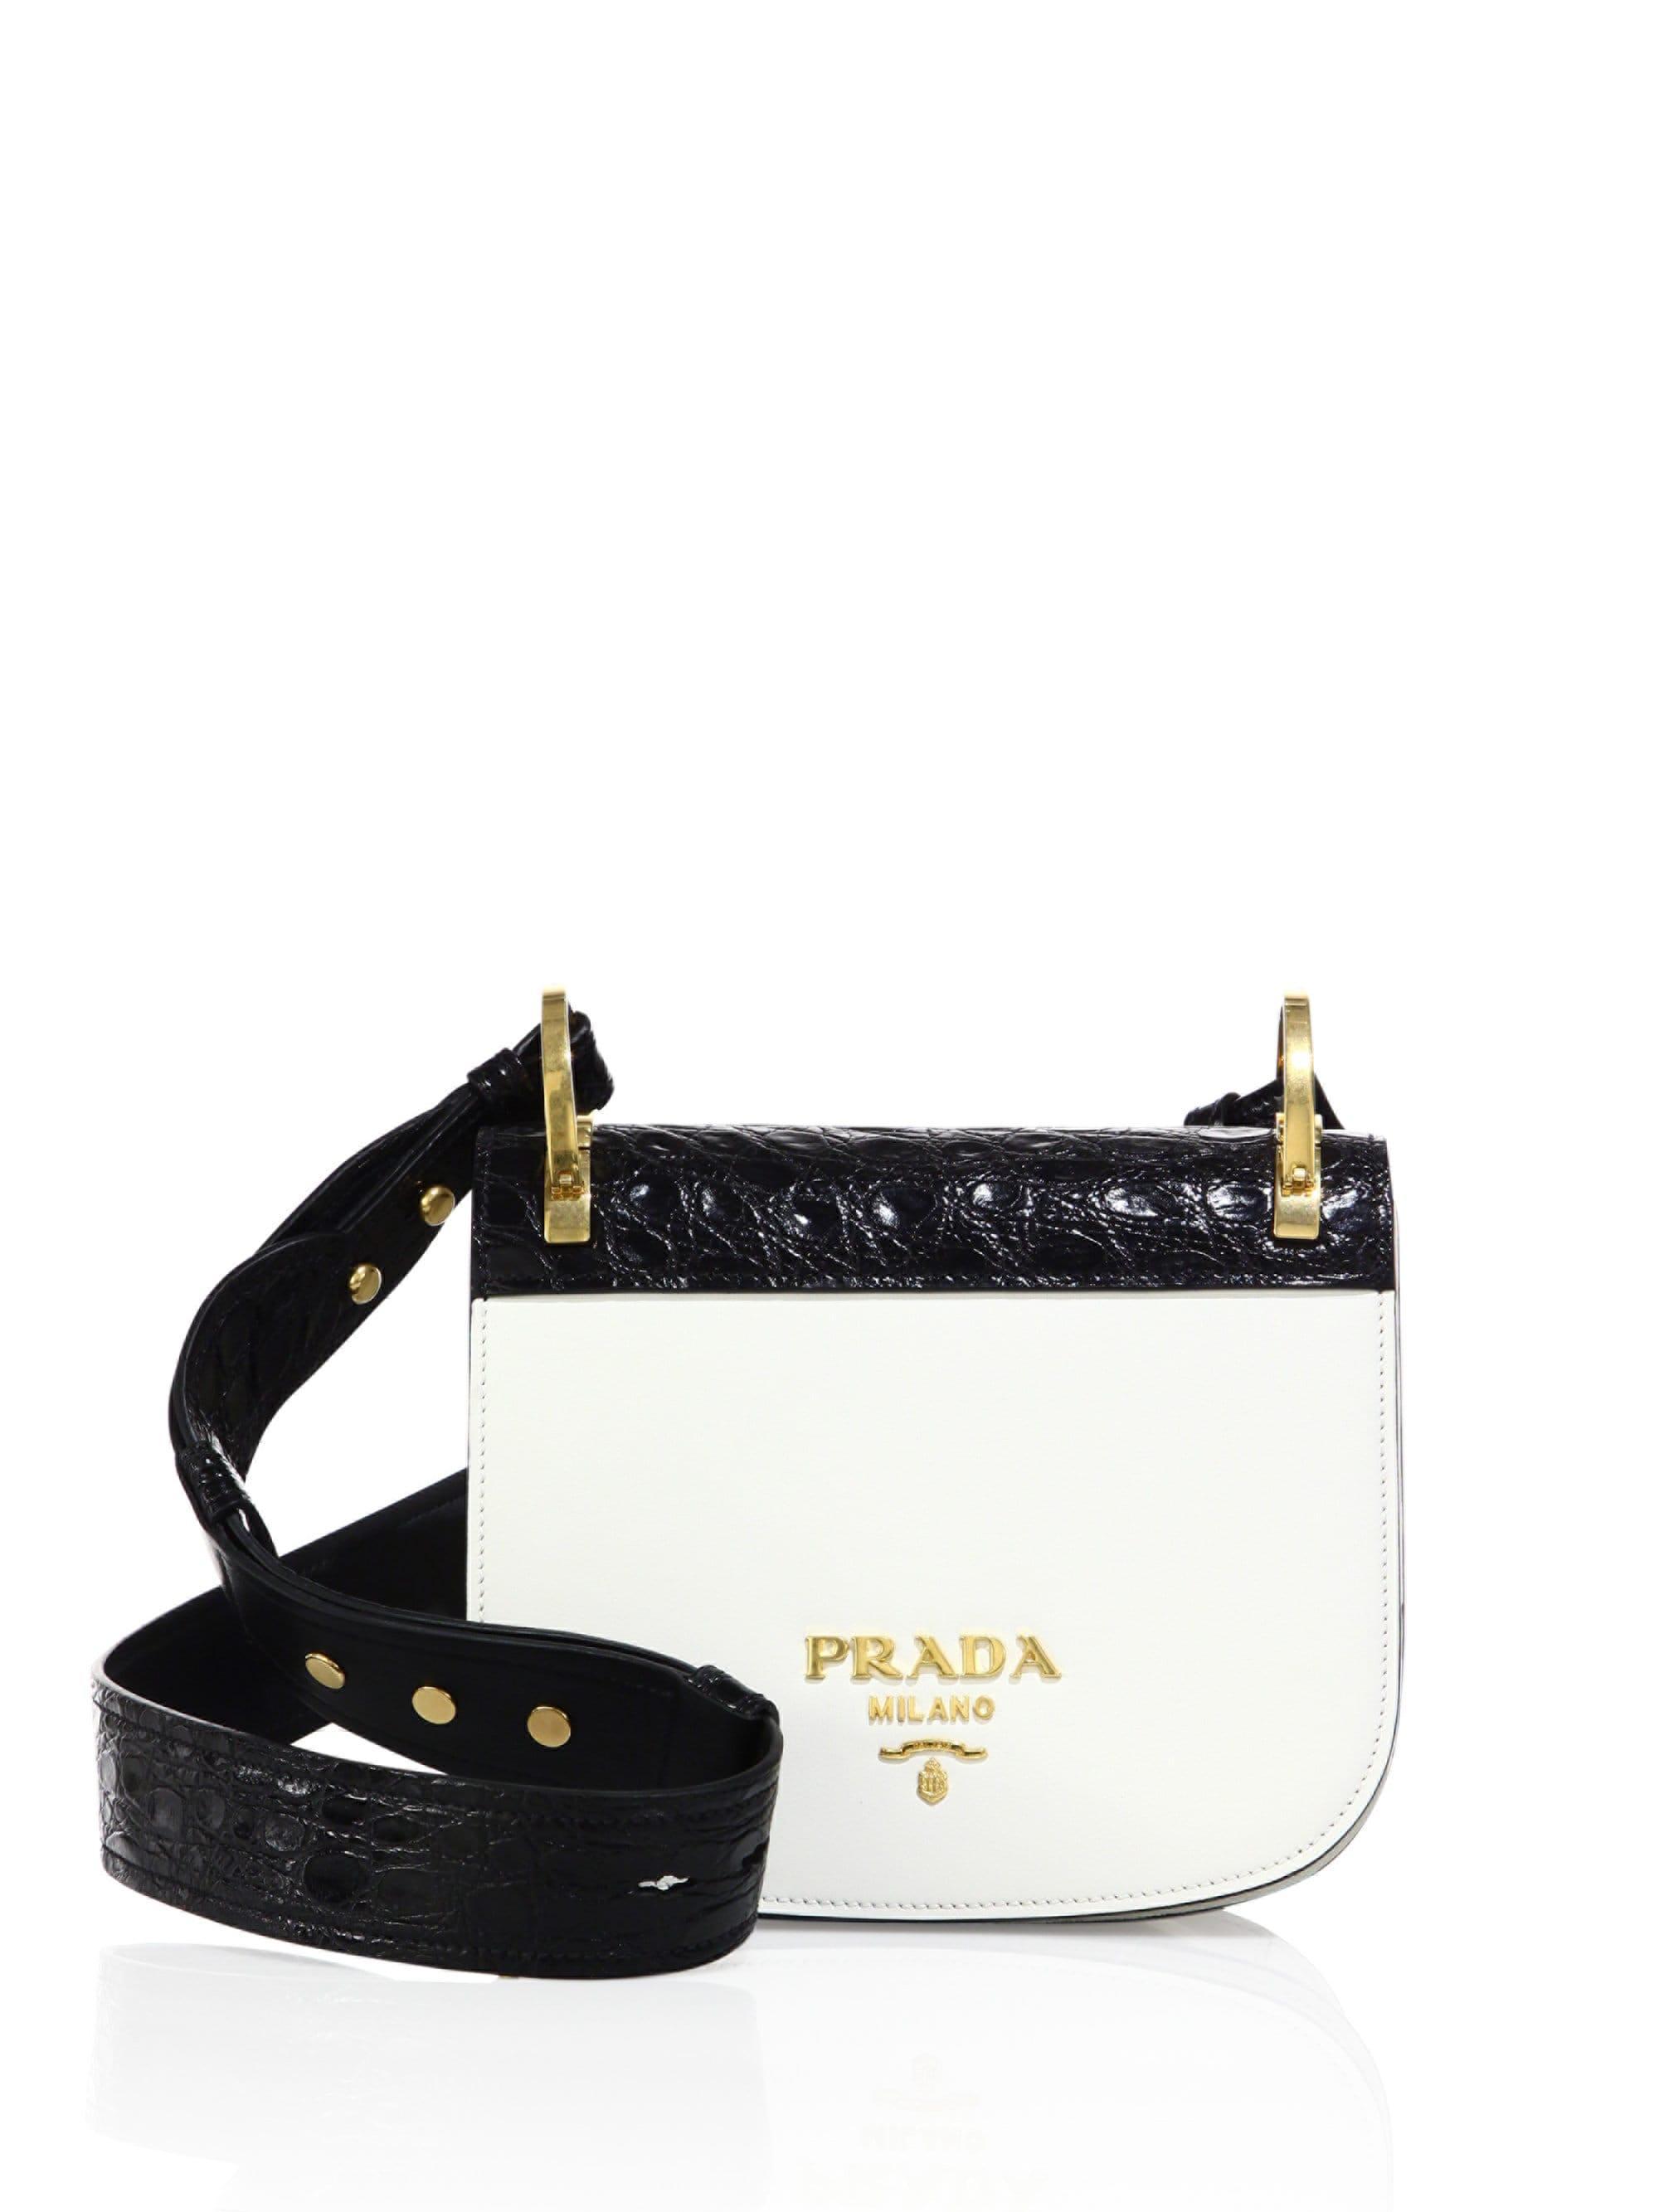 e7898432ebc123 Prada Pionniere Leather And Crocodile Saddle Bag in White - Lyst